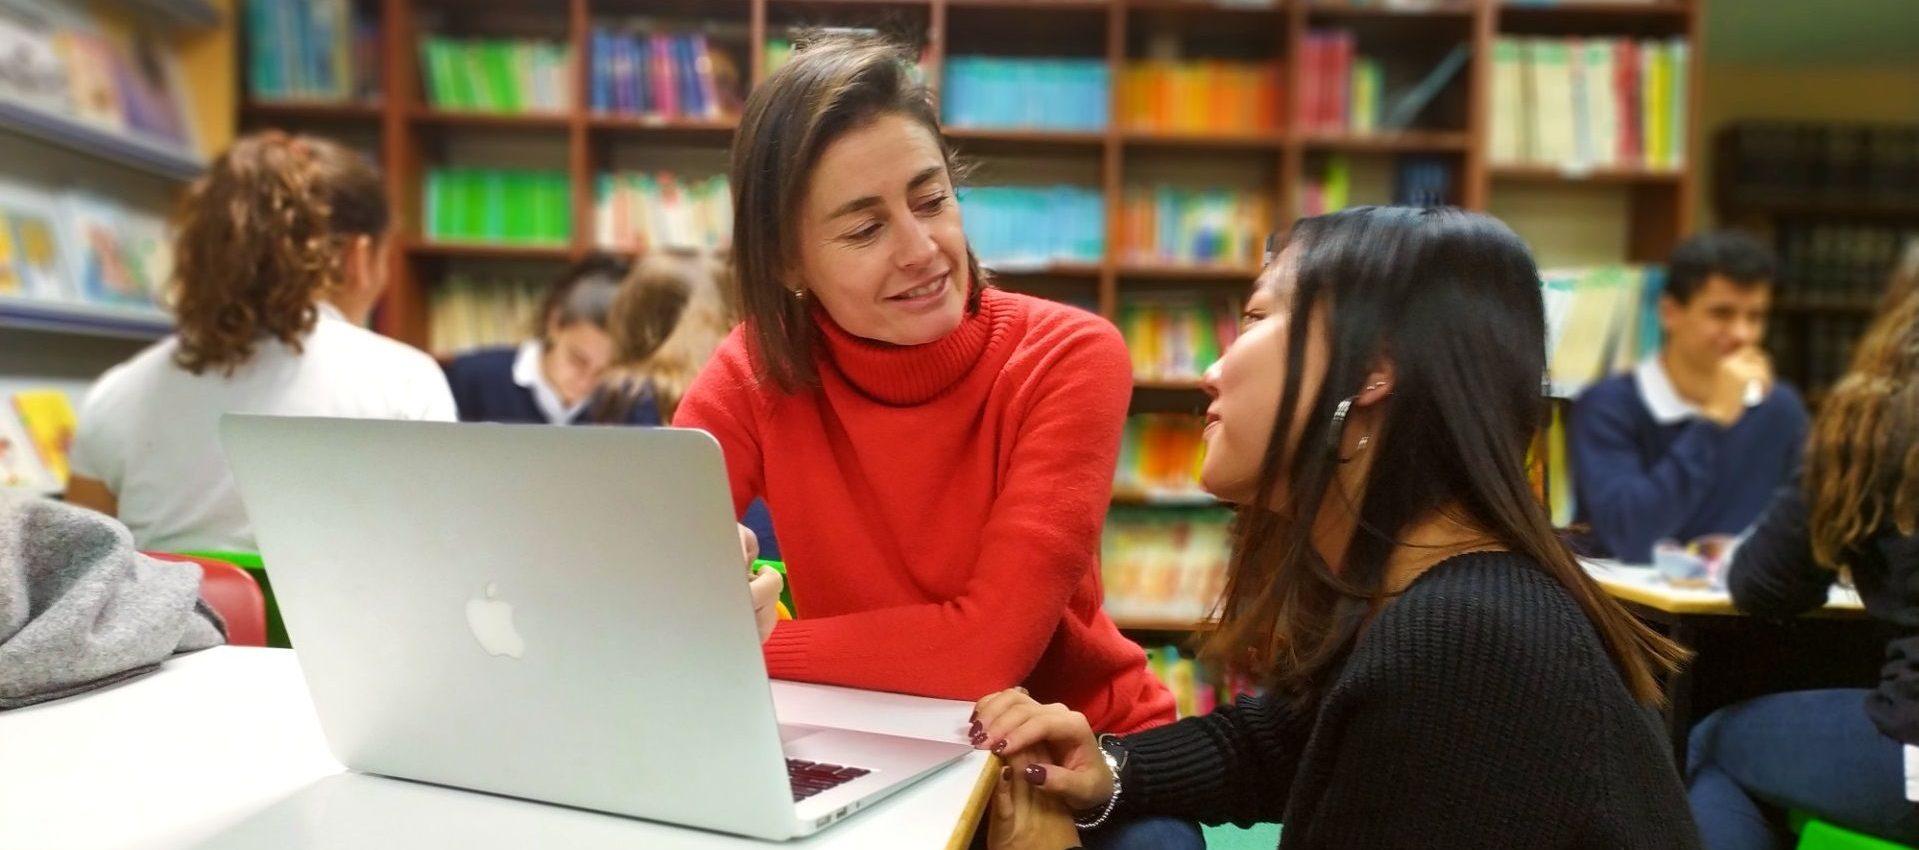 Nina y estudiante en biblioteca